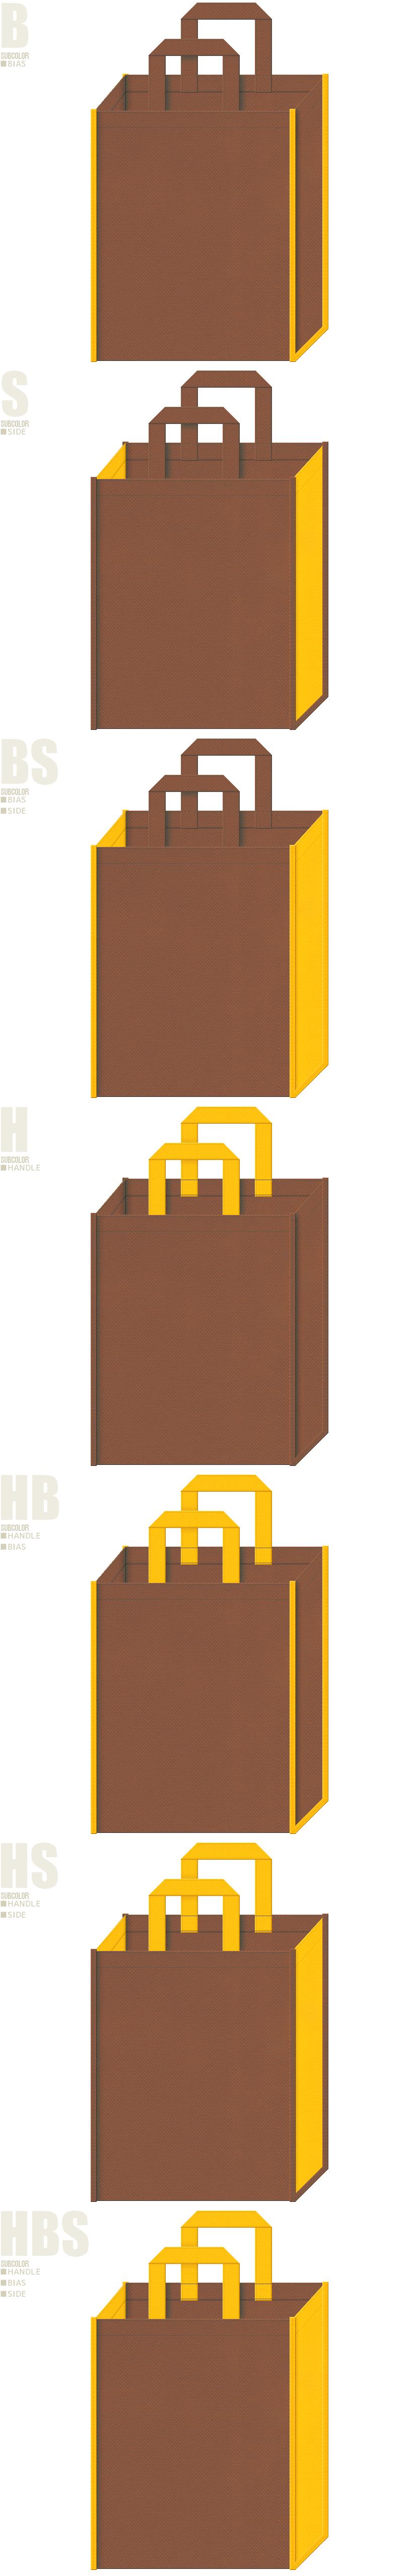 ベーカリーショップのショッピングバッグにお奨めです。茶色と黄色、7パターンの不織布トートバッグ配色デザイン例。カステラ・マロンのイメージ